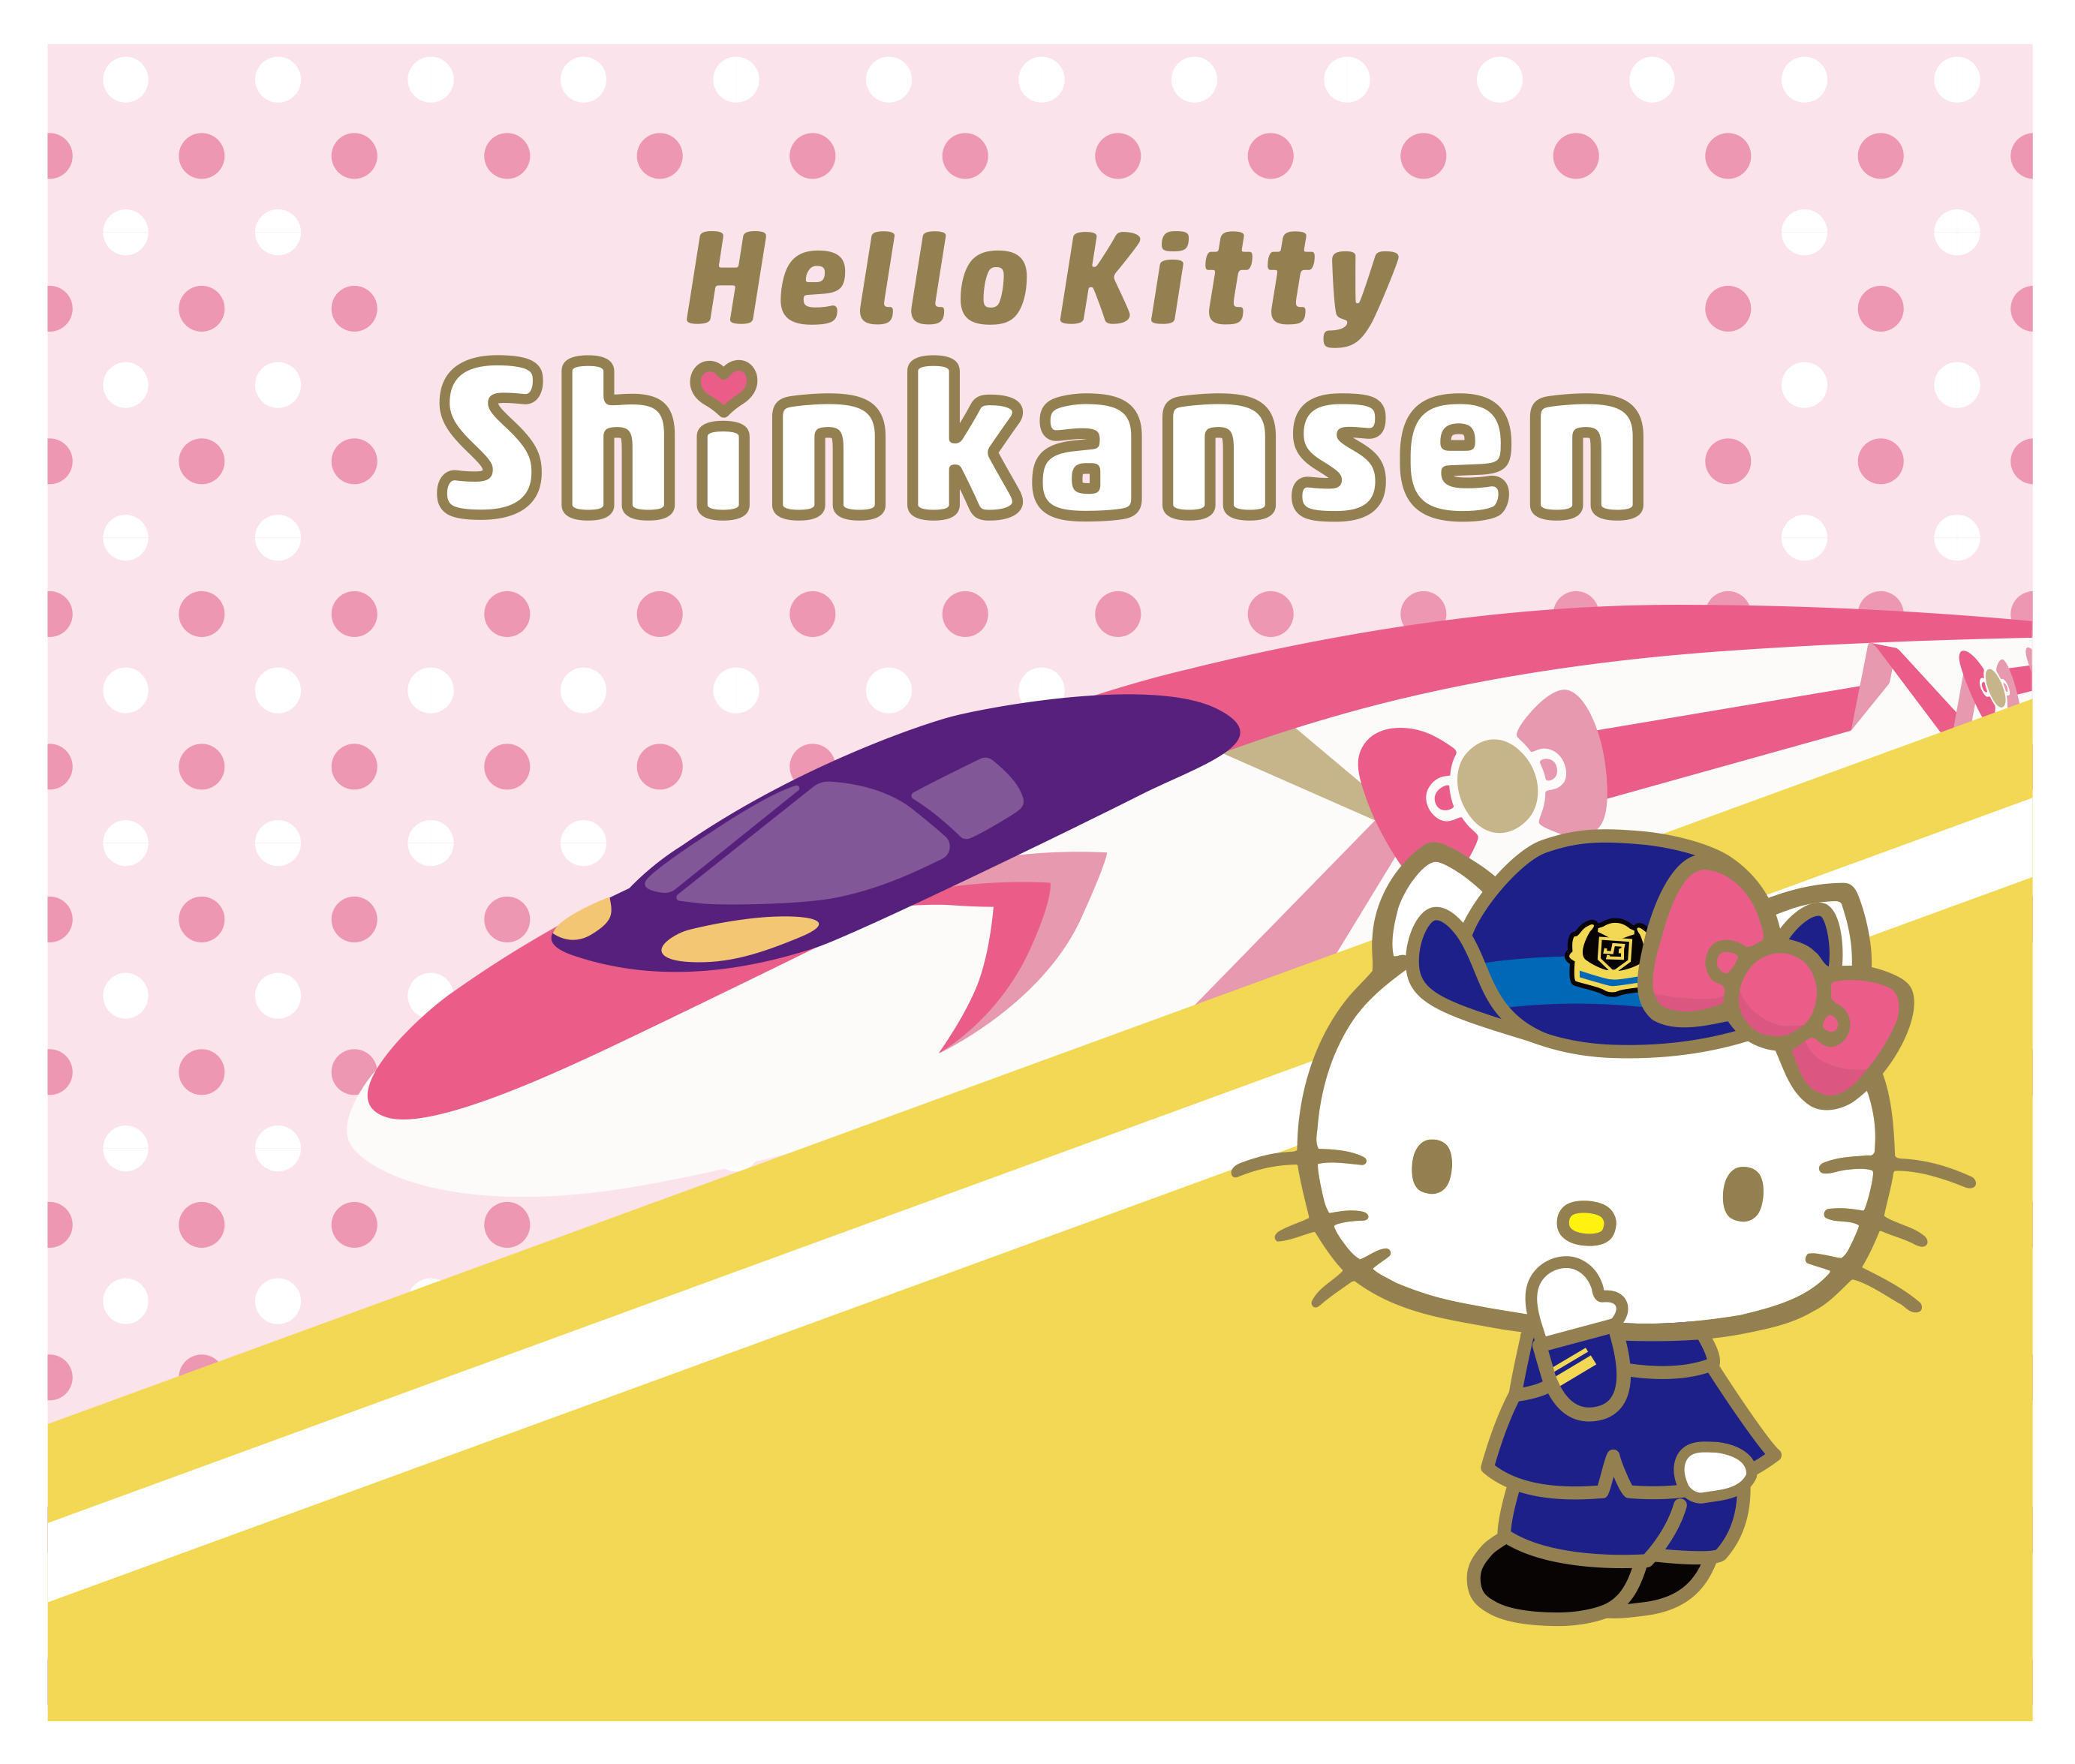 ハローキティ新幹線のイメージ図